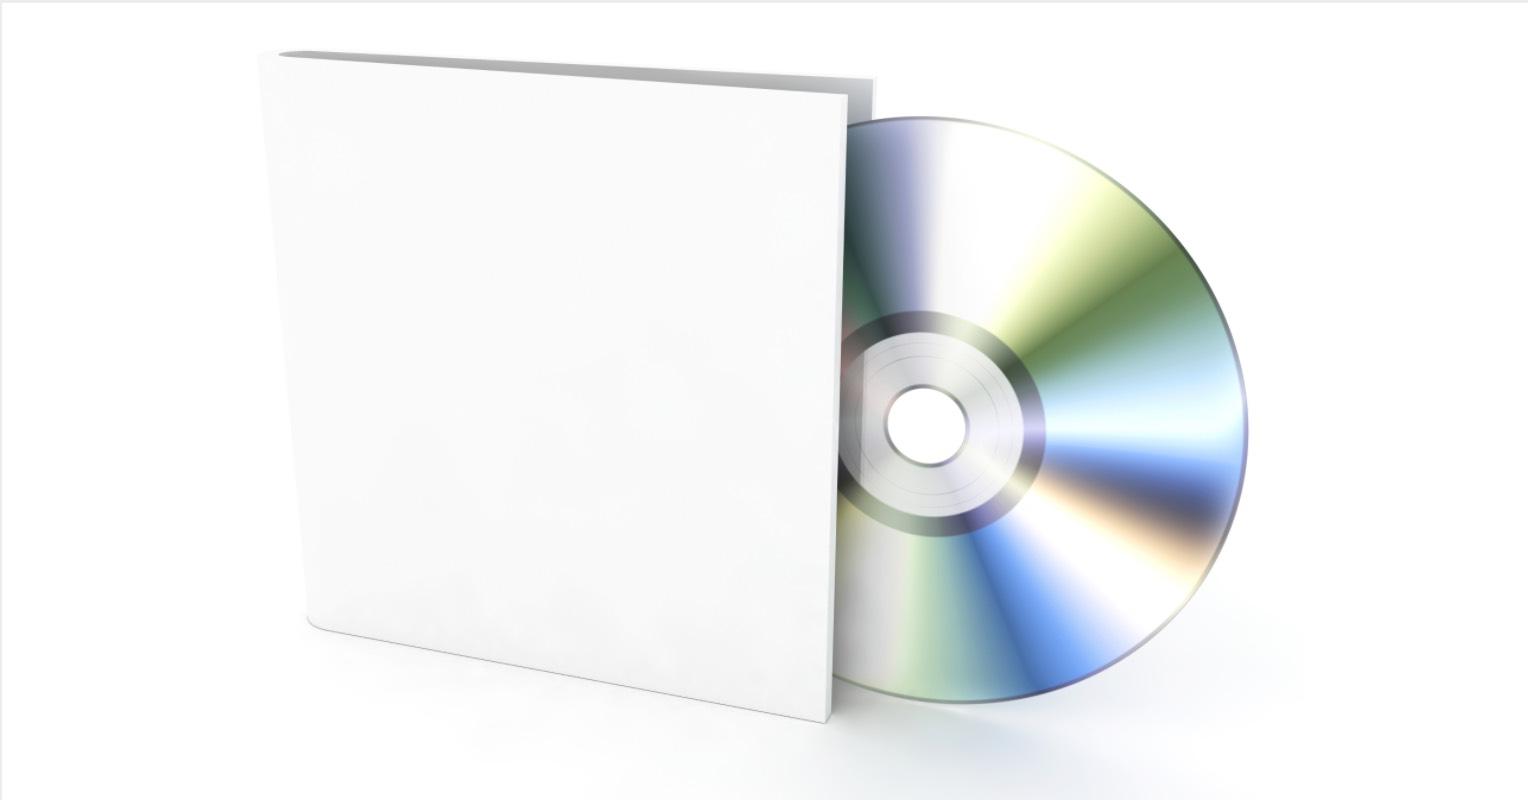 Phần mềm tạo ổ đĩa ảo nào tốt: UltraIso, DAEMON, CloneDrive